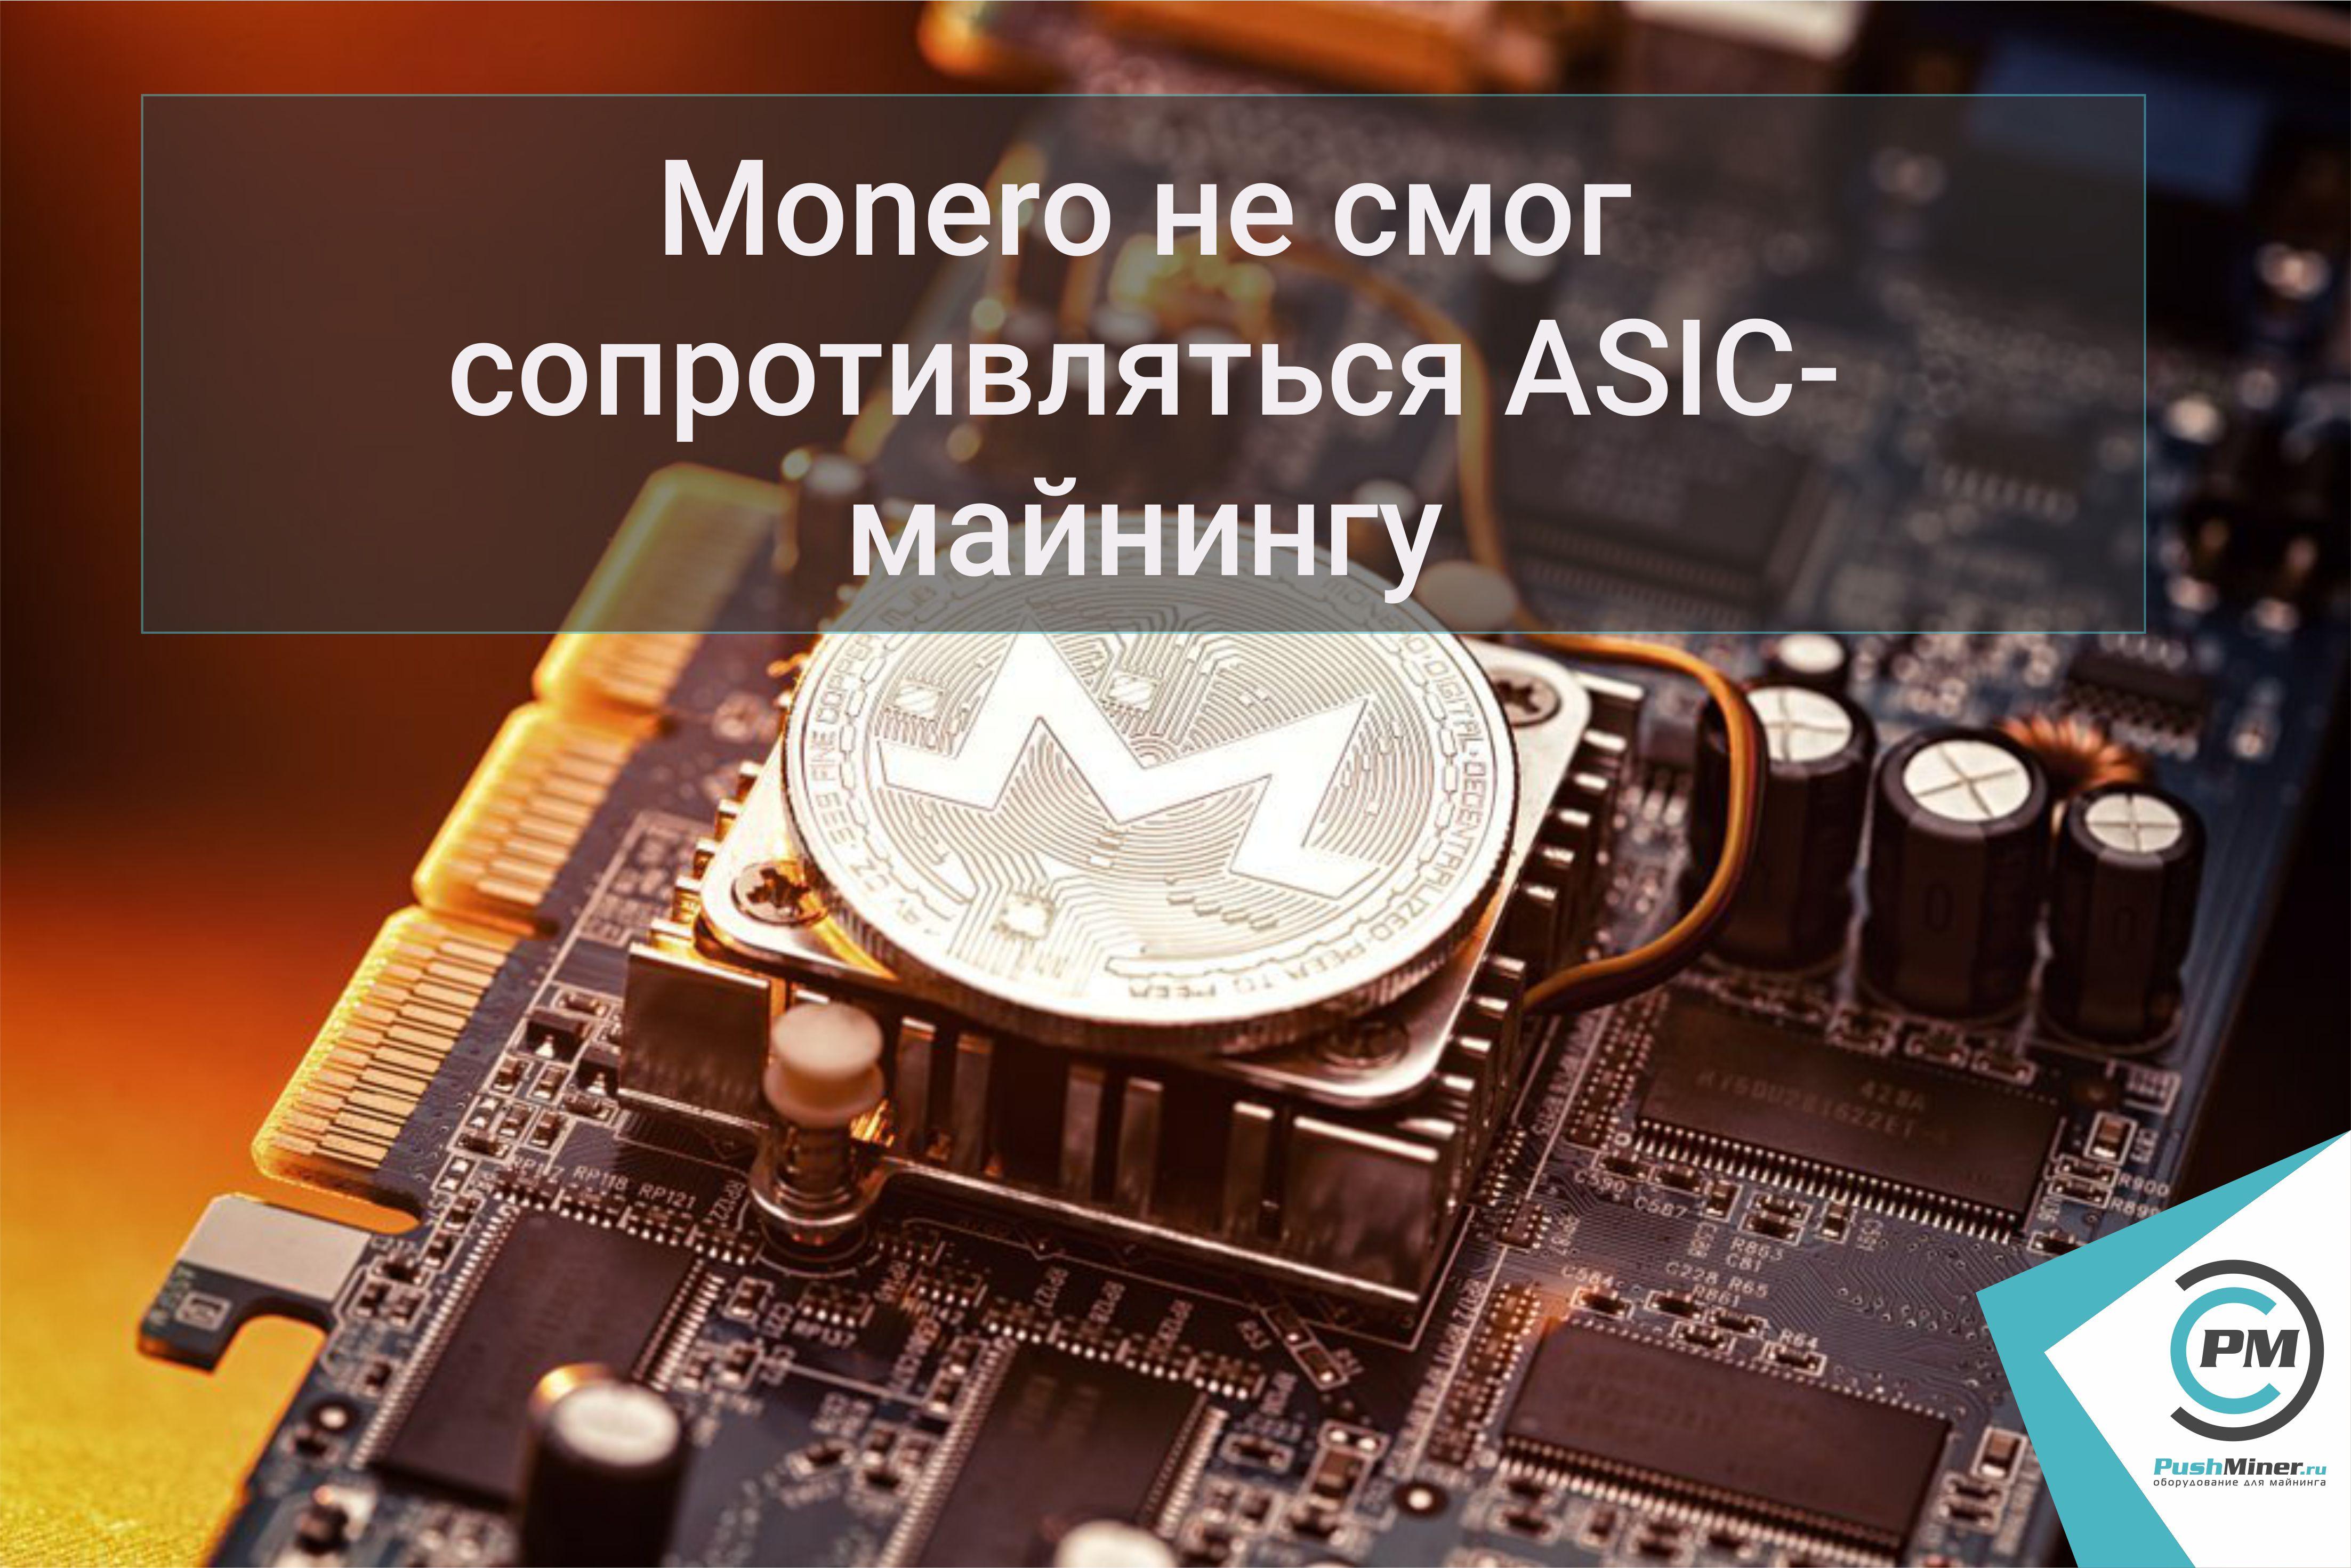 Monero не смог сопротивляться ASIC-майнингу